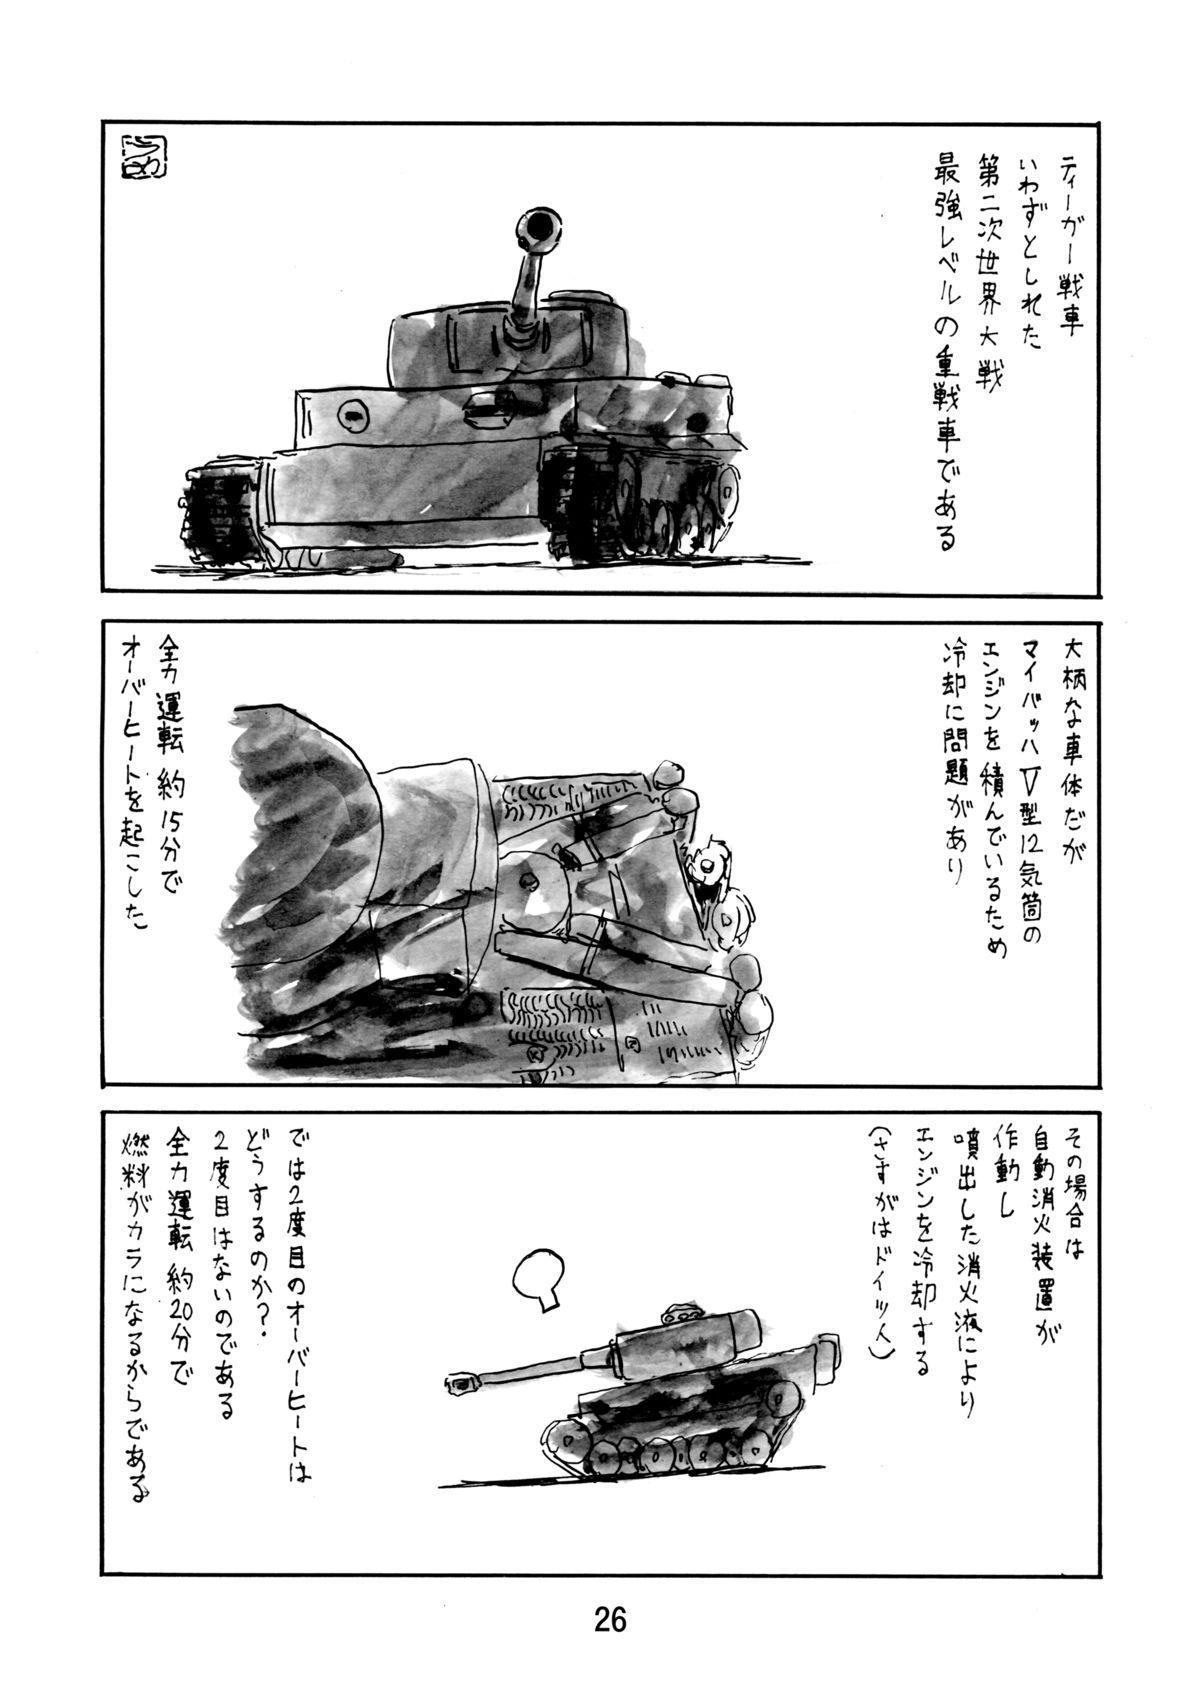 G Panzer 4 25